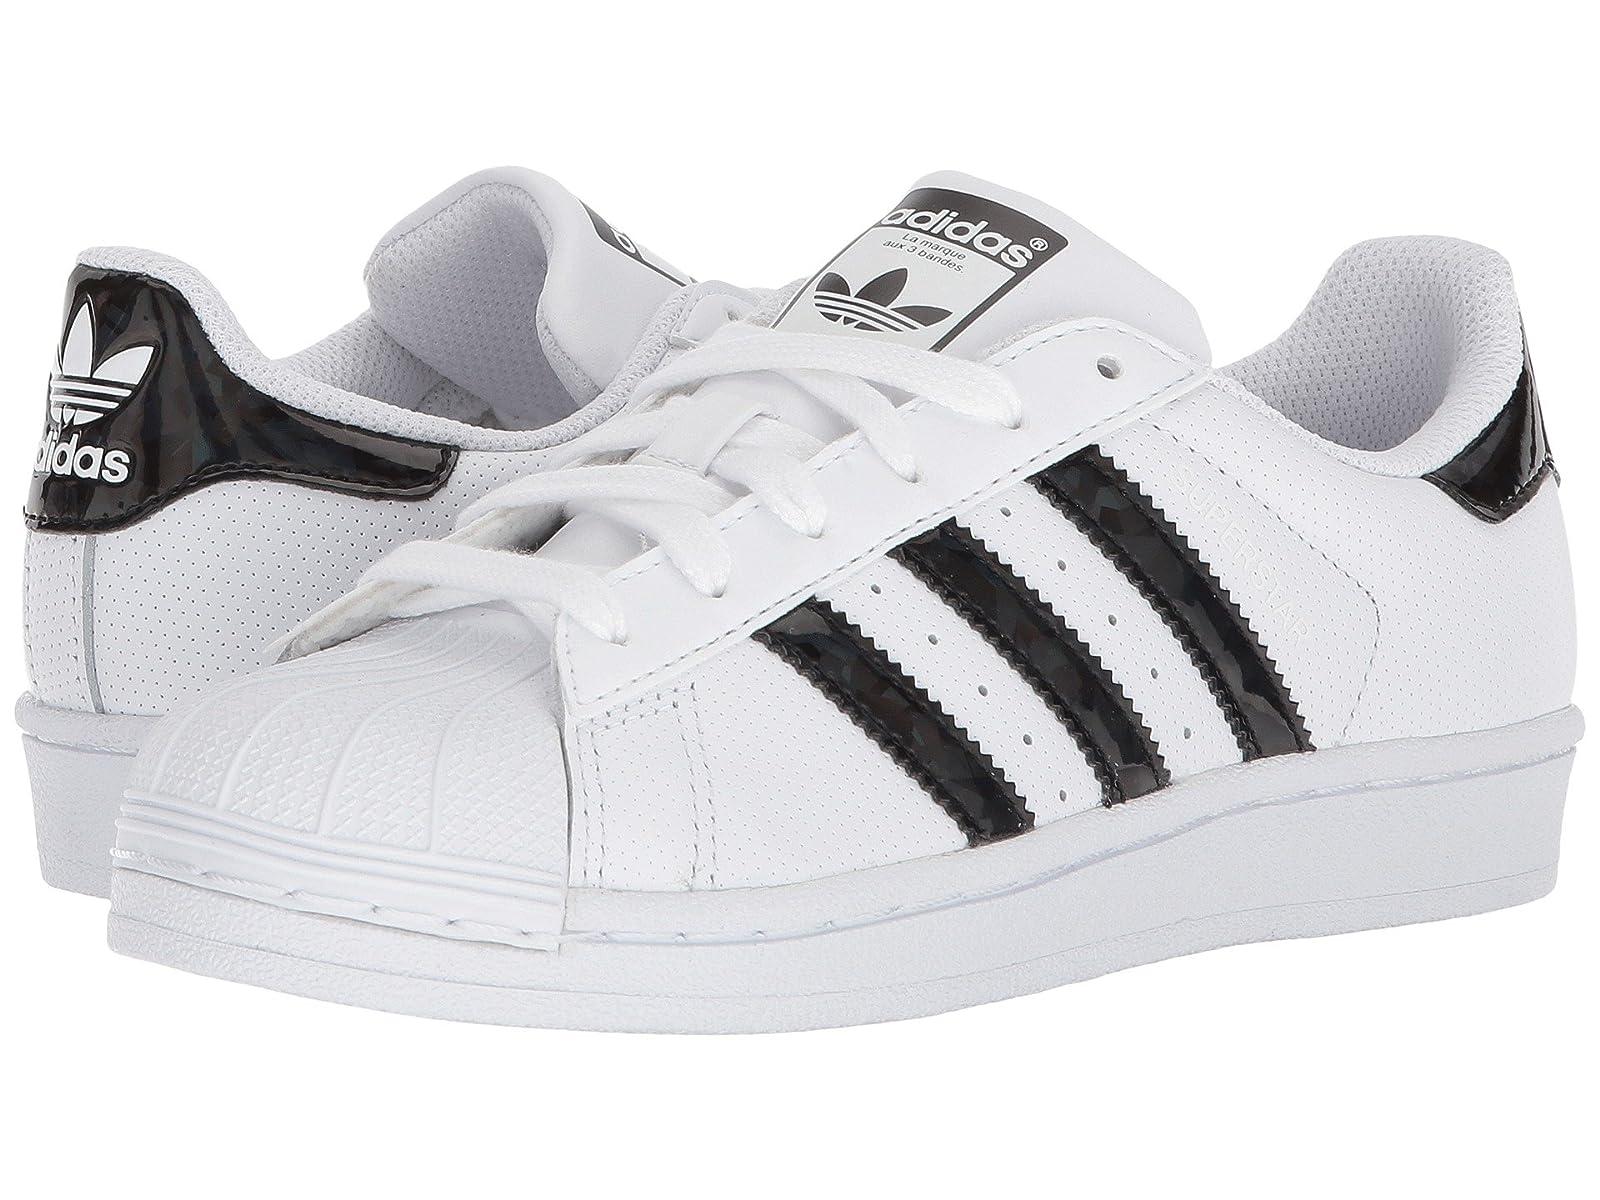 adidas Originals Kids Superstar Iridescent J (Big Kid)Atmospheric grades have affordable shoes